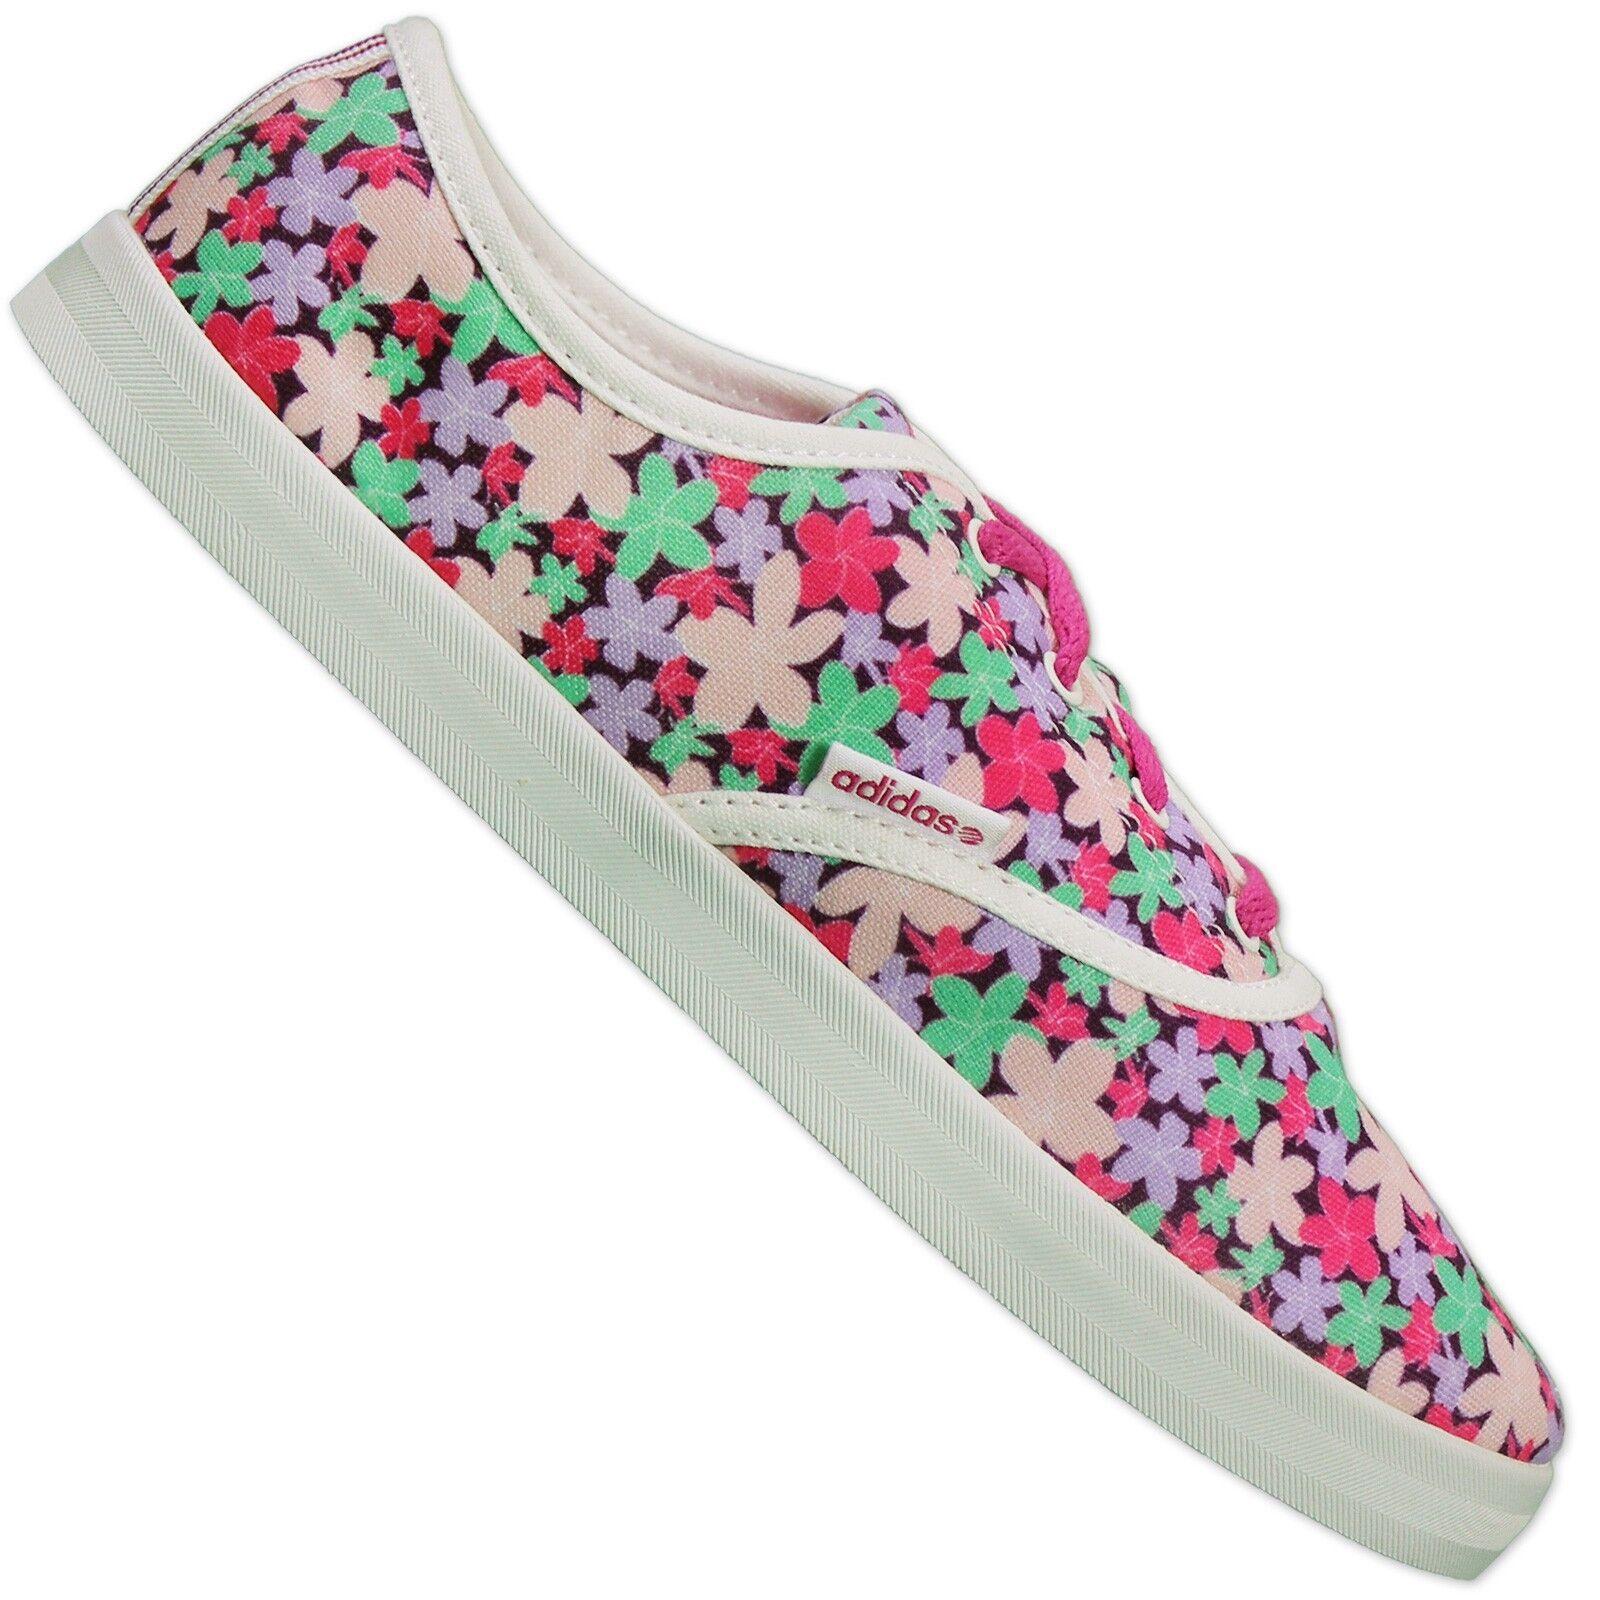 Adidas Blanc D'chaussures 41 Vert Fleuris Rouge Neo Toile Rose Aj35qScL4R